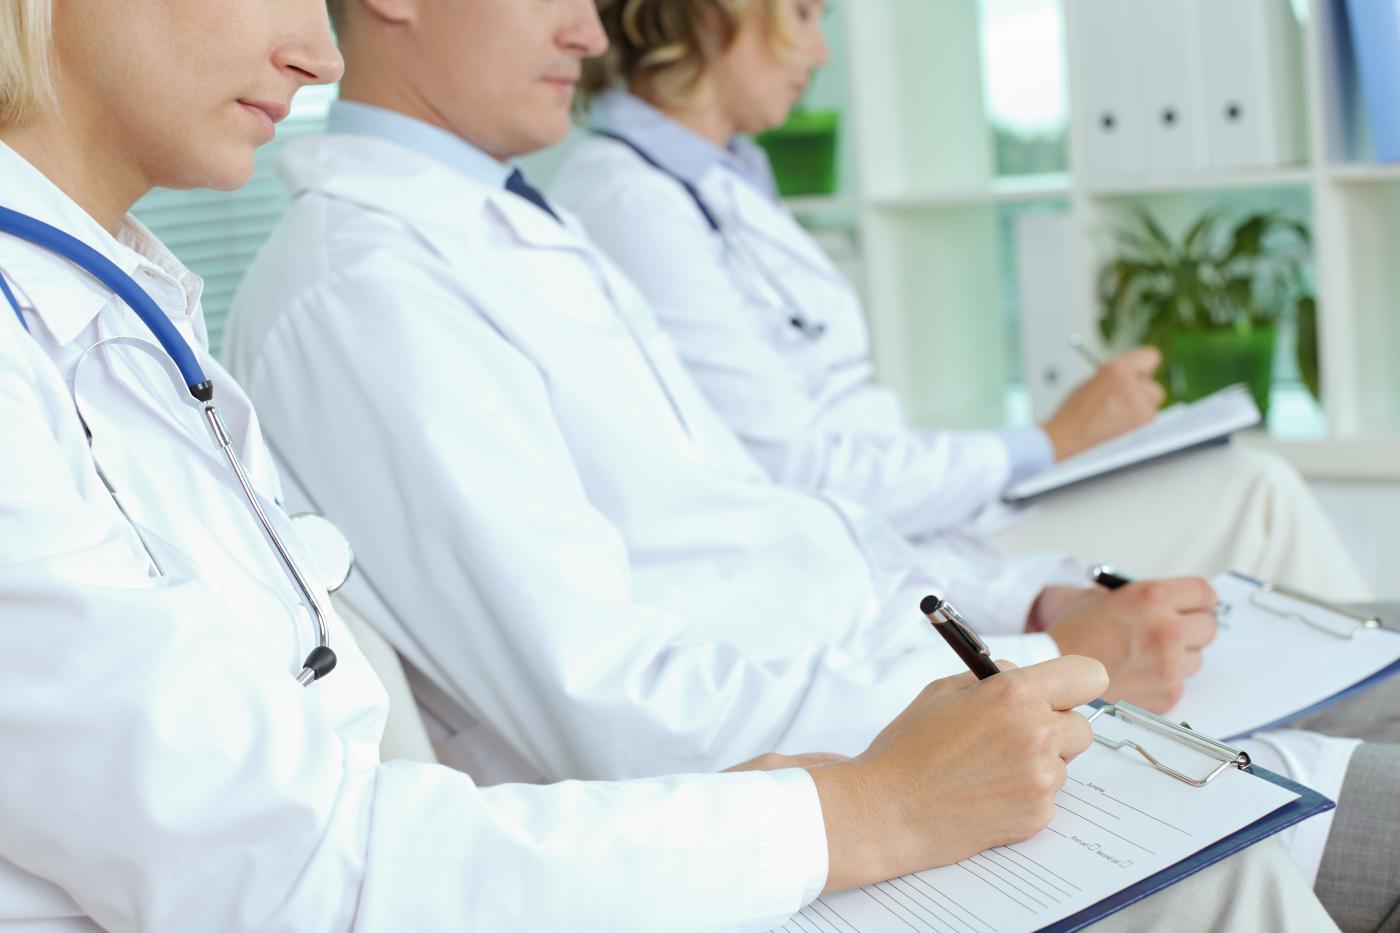 В Йошкар-Оле главные врачи обсудили проблемы современной медицины